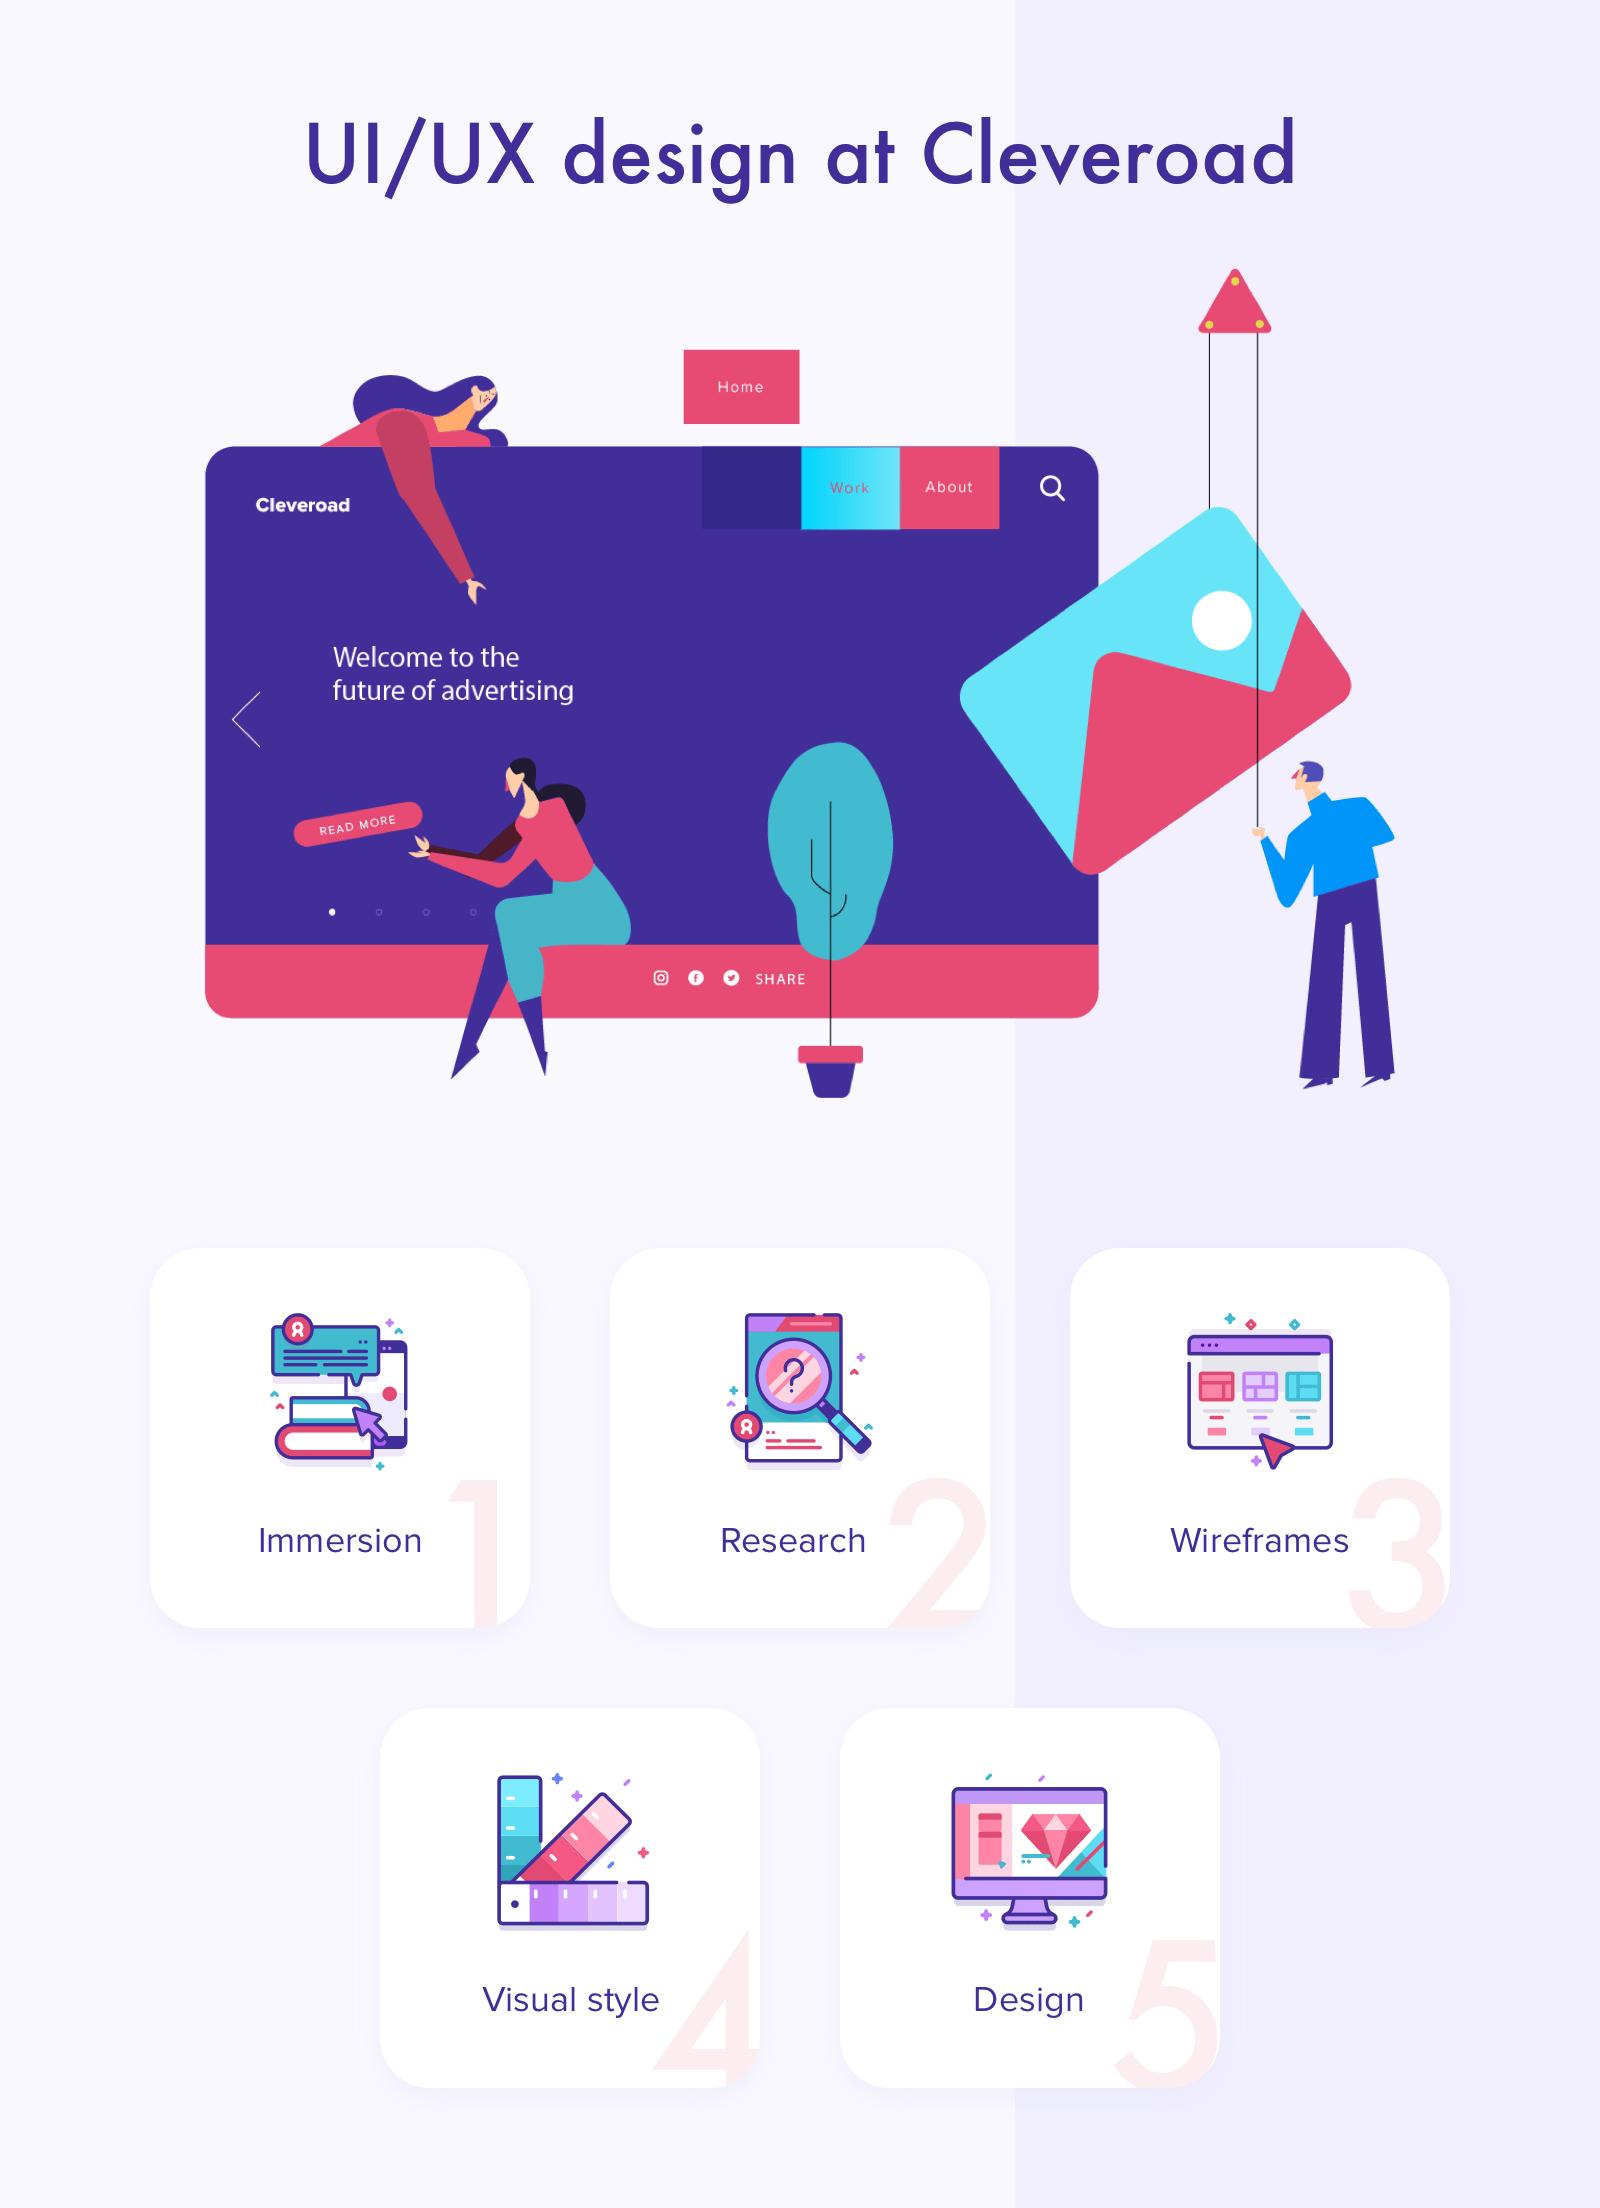 UI/UX design process at Cleveroad